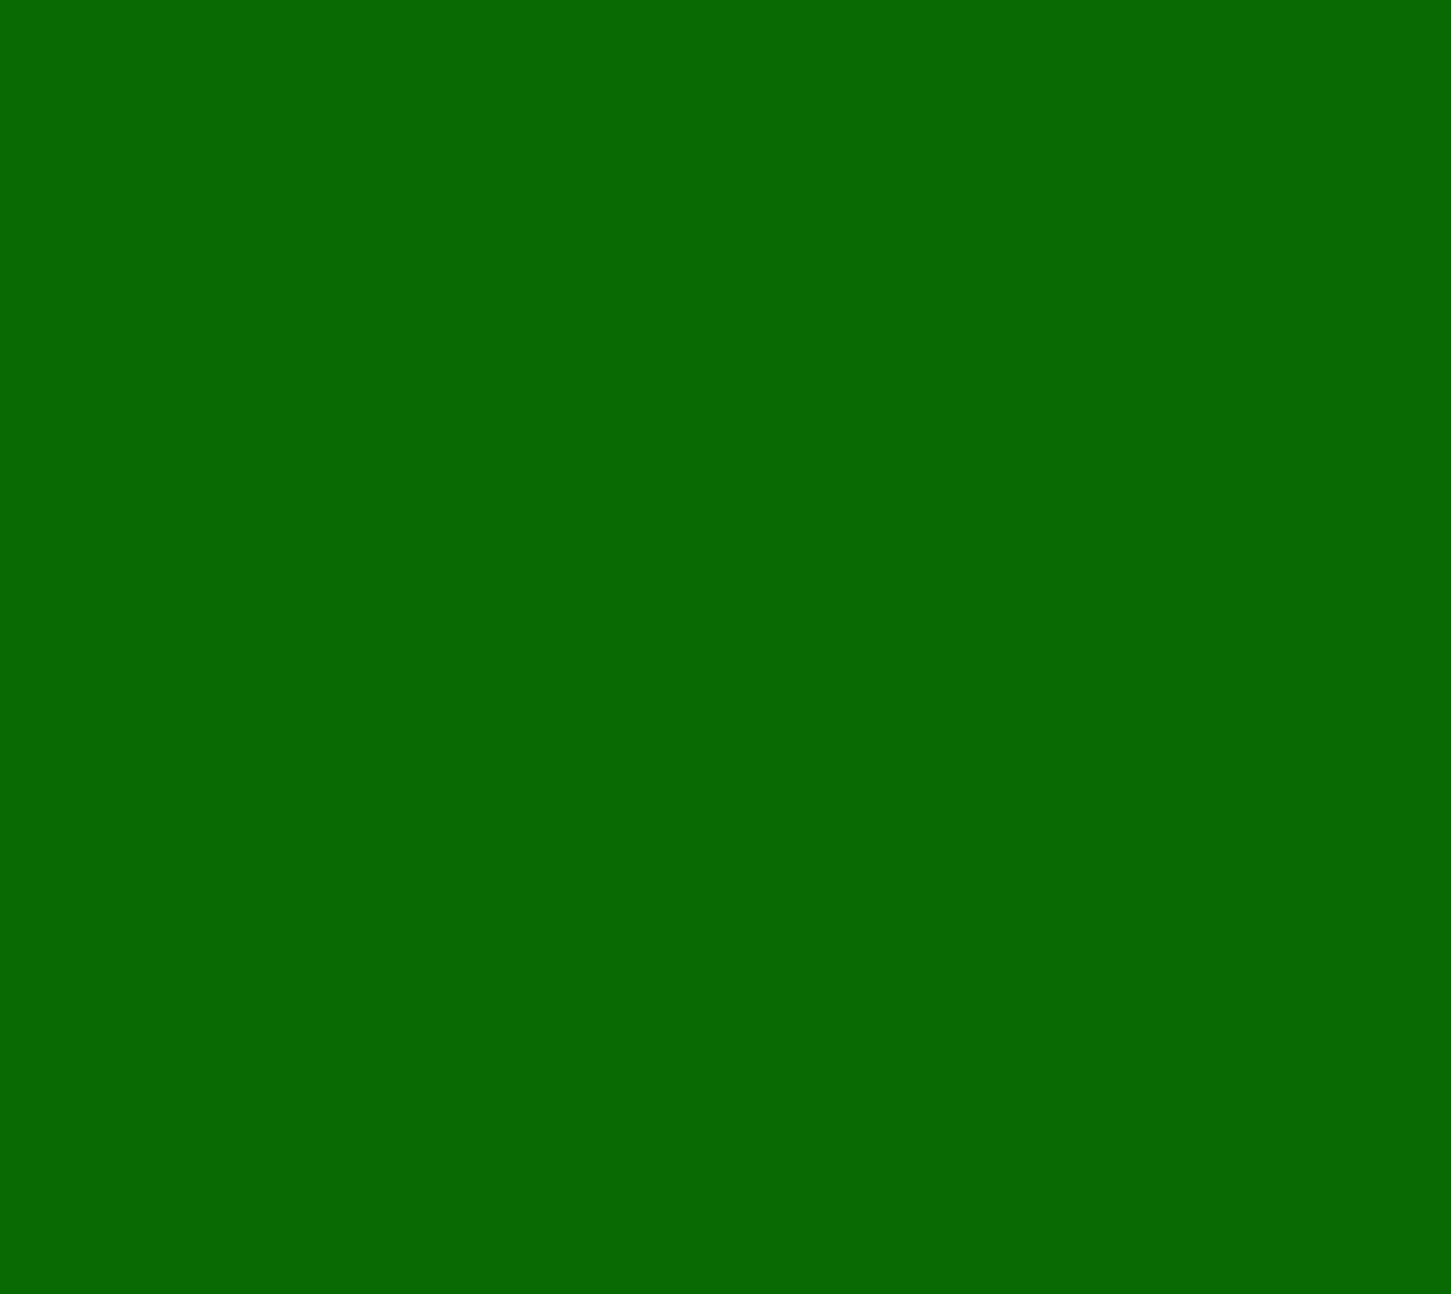 RAL6002 Laubgrün